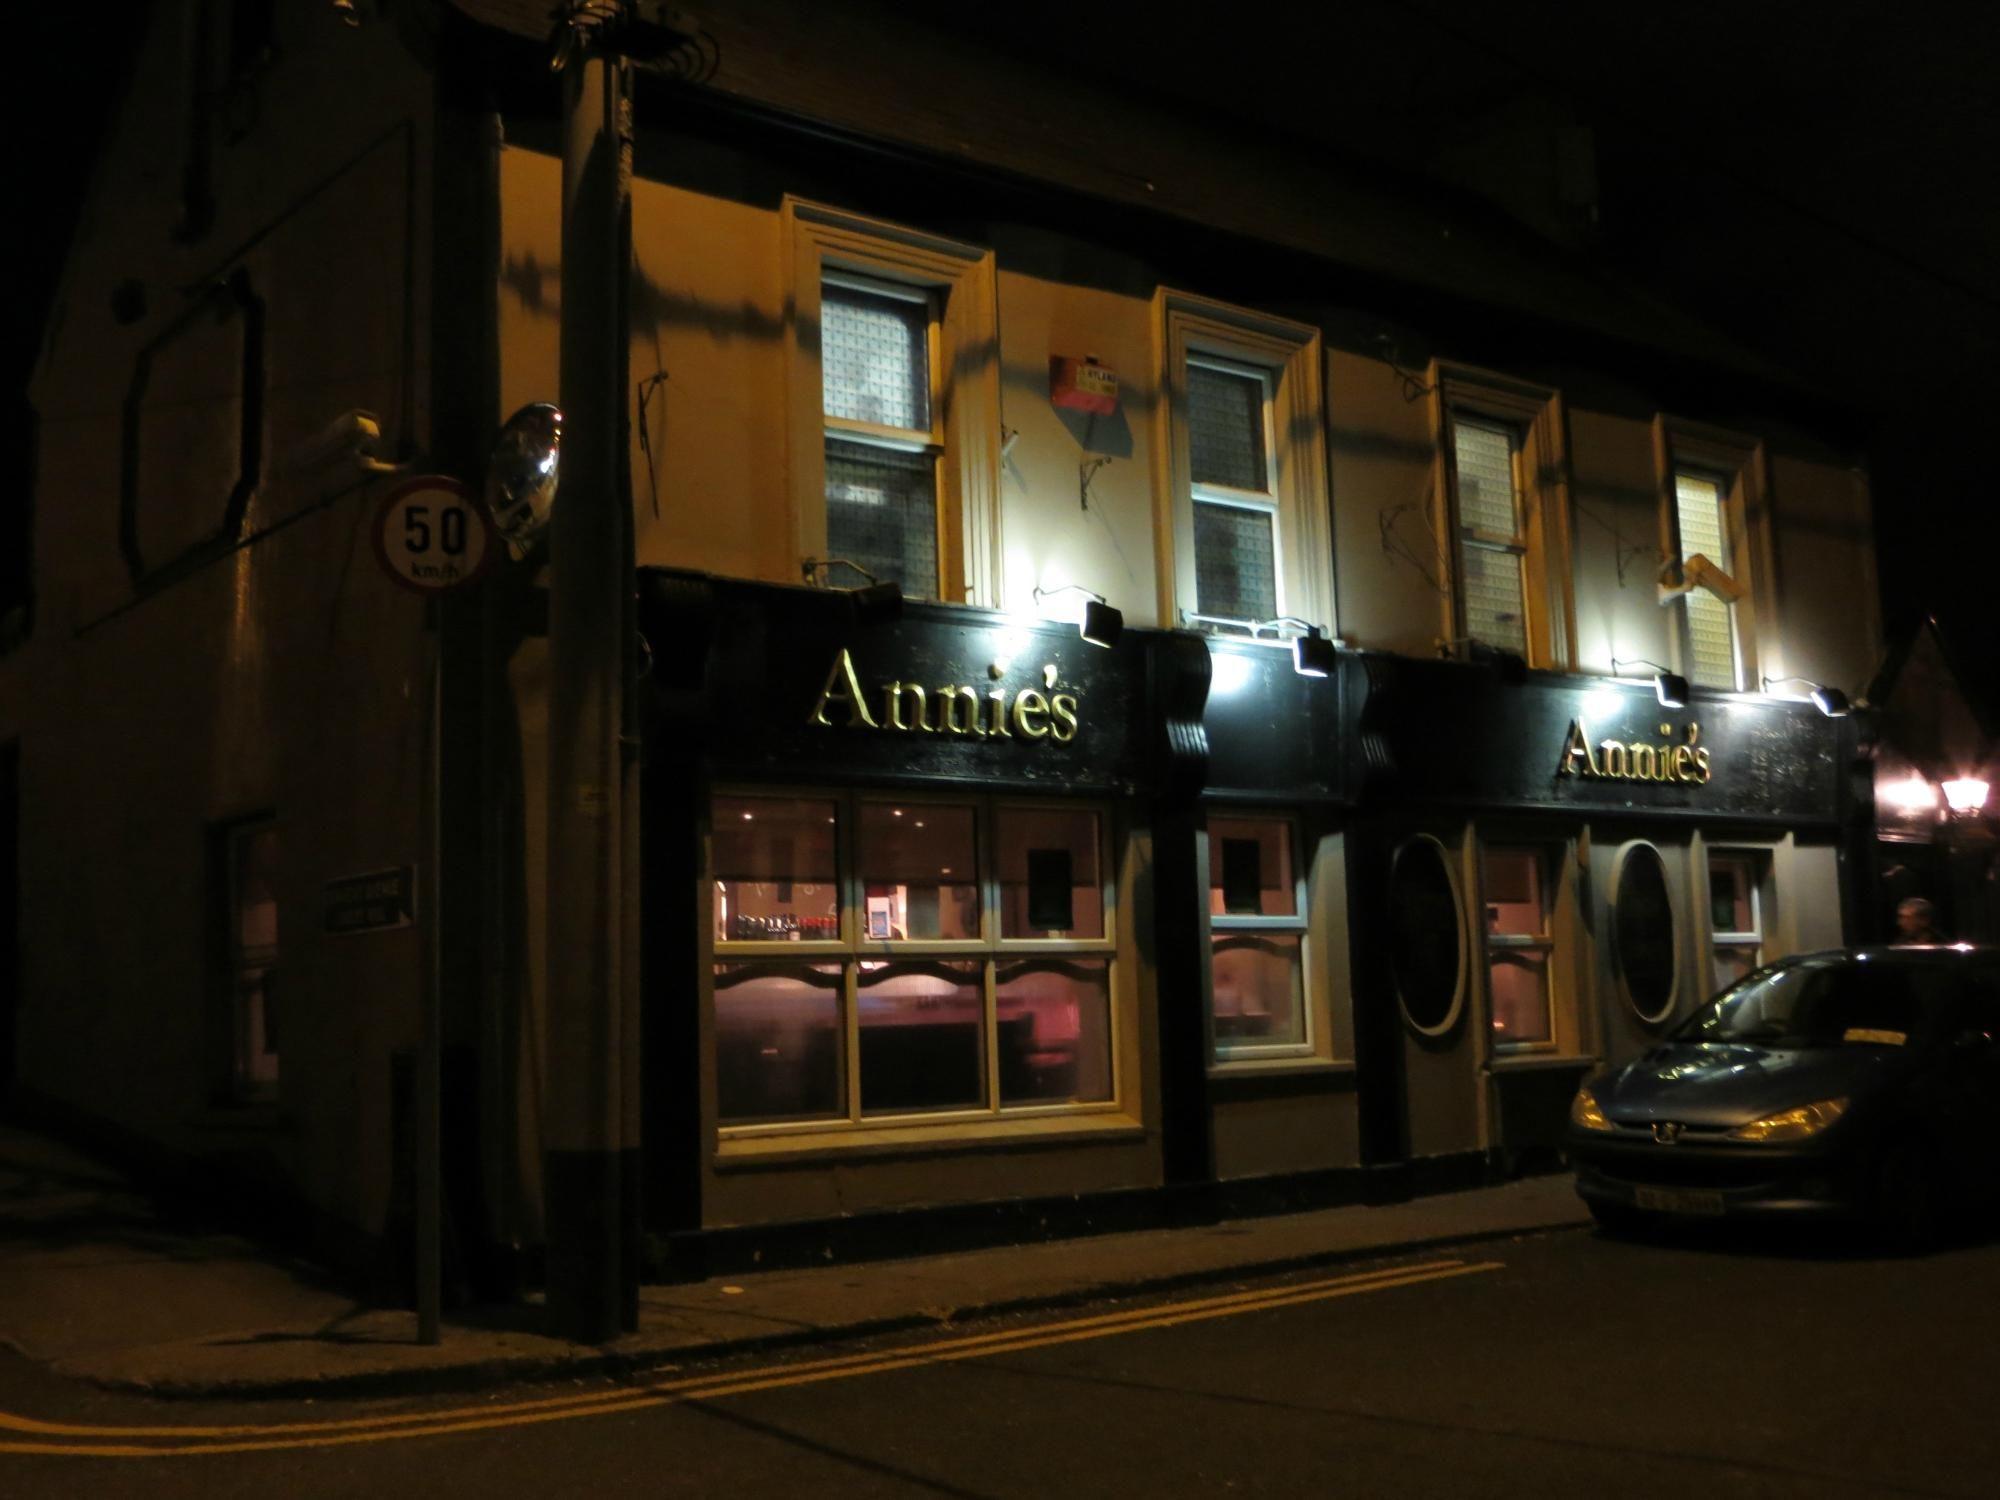 annie's gastropub, cork - restaurant reviews, phone number